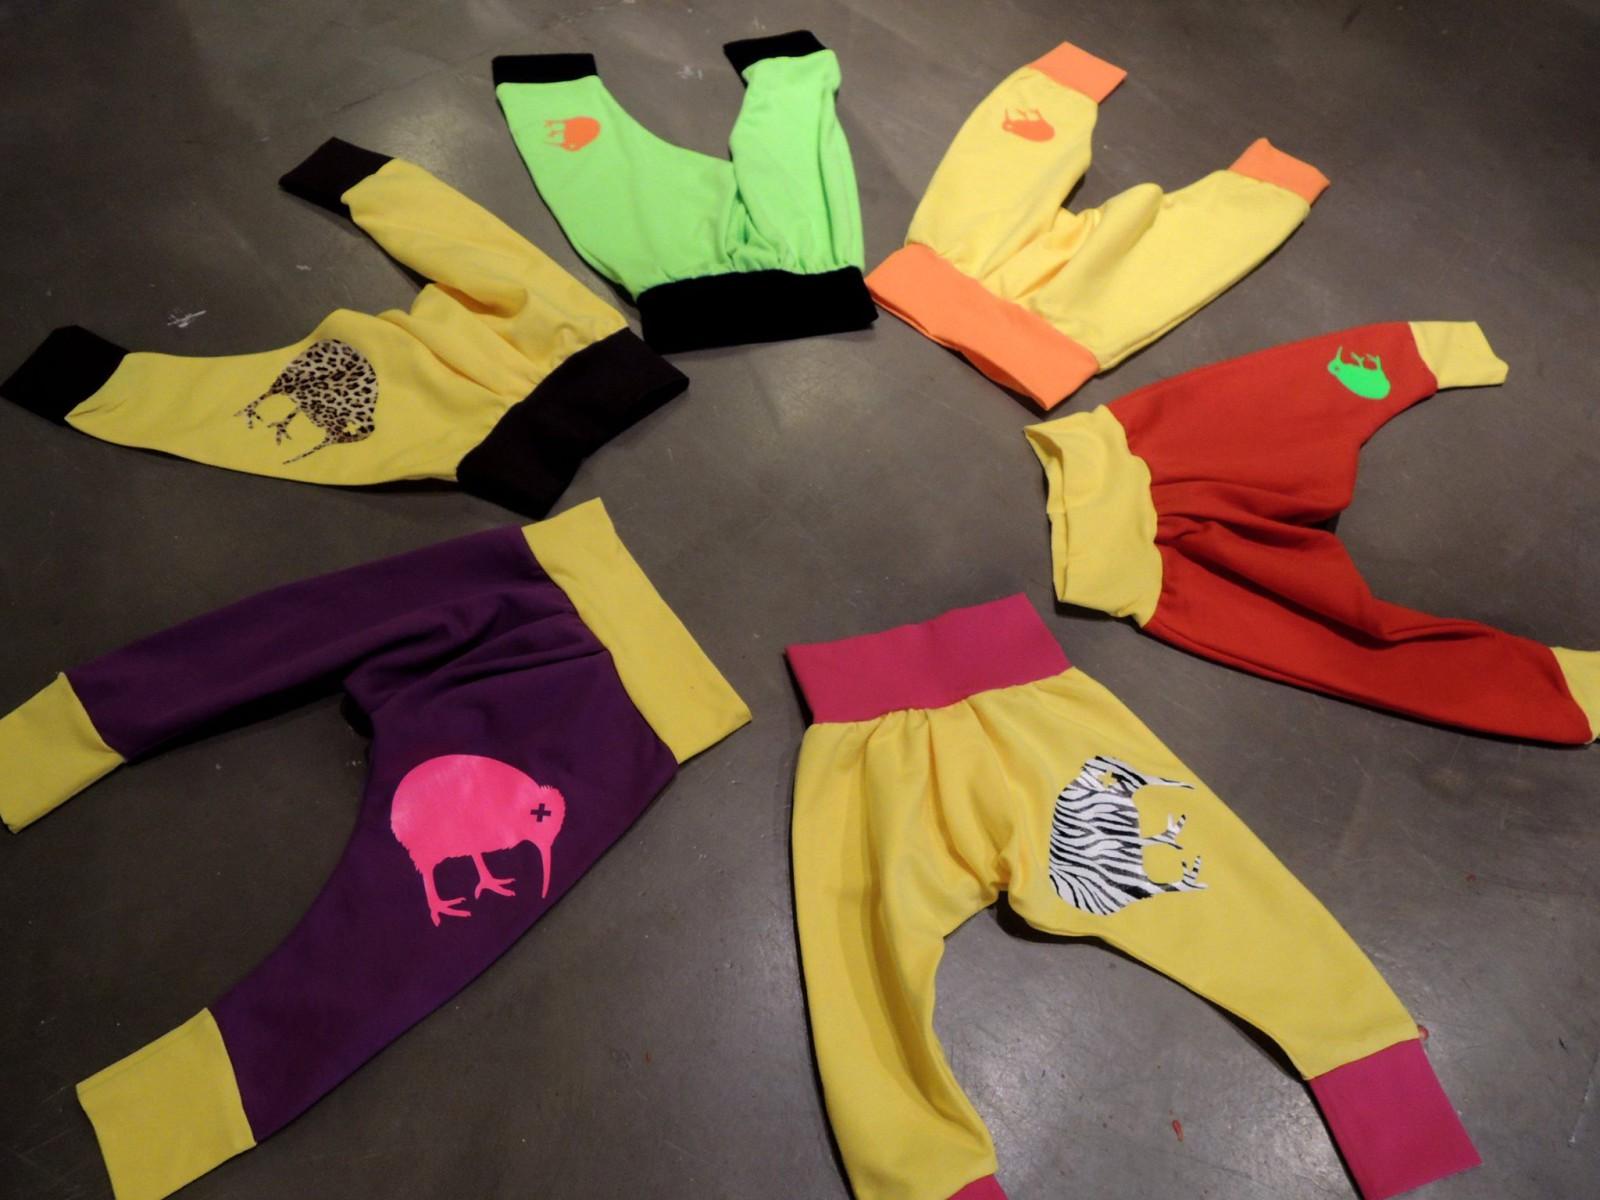 Hosen für coole Kids mit dem Original-Birdbox-Kiwi.